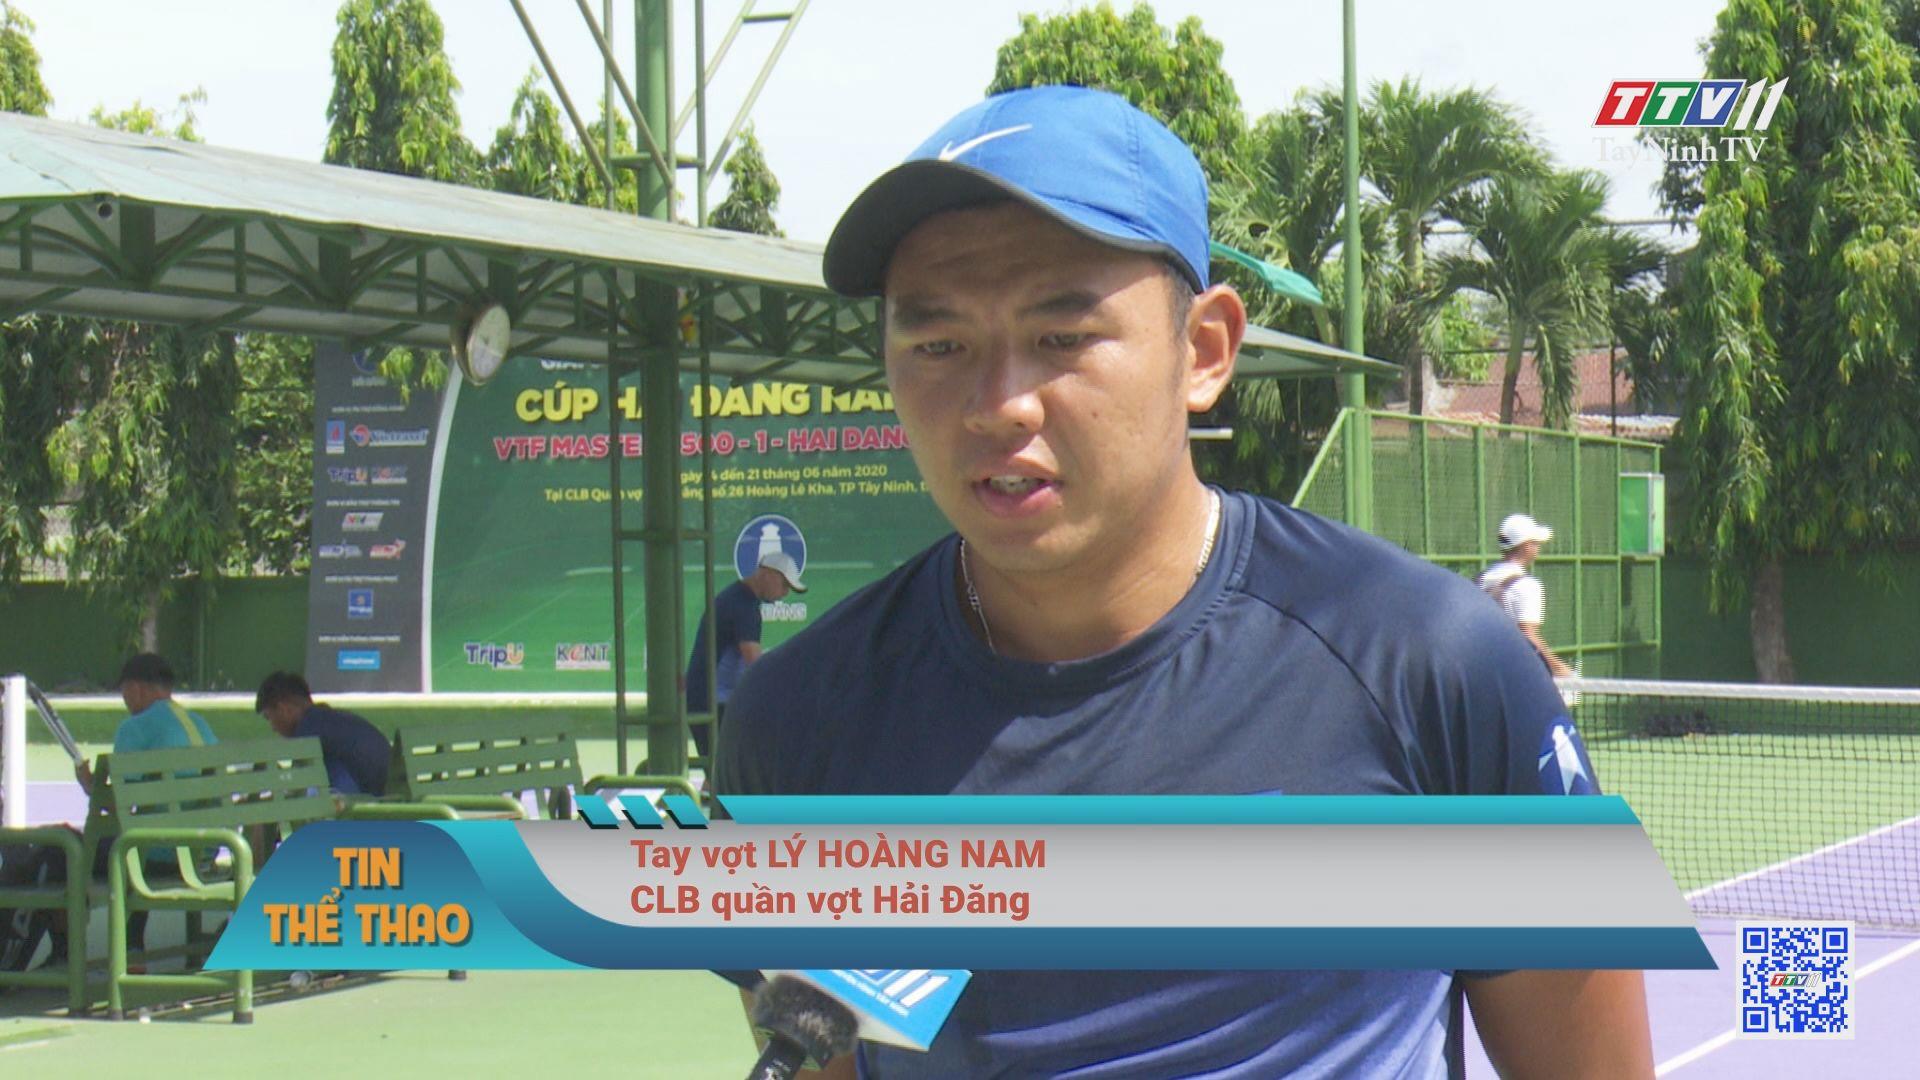 CLB quần vợt Hải Đăng trước những khó khăn từ đại dịch Covid-19   BẢN TIN THỂ THAO   TayNinhTV